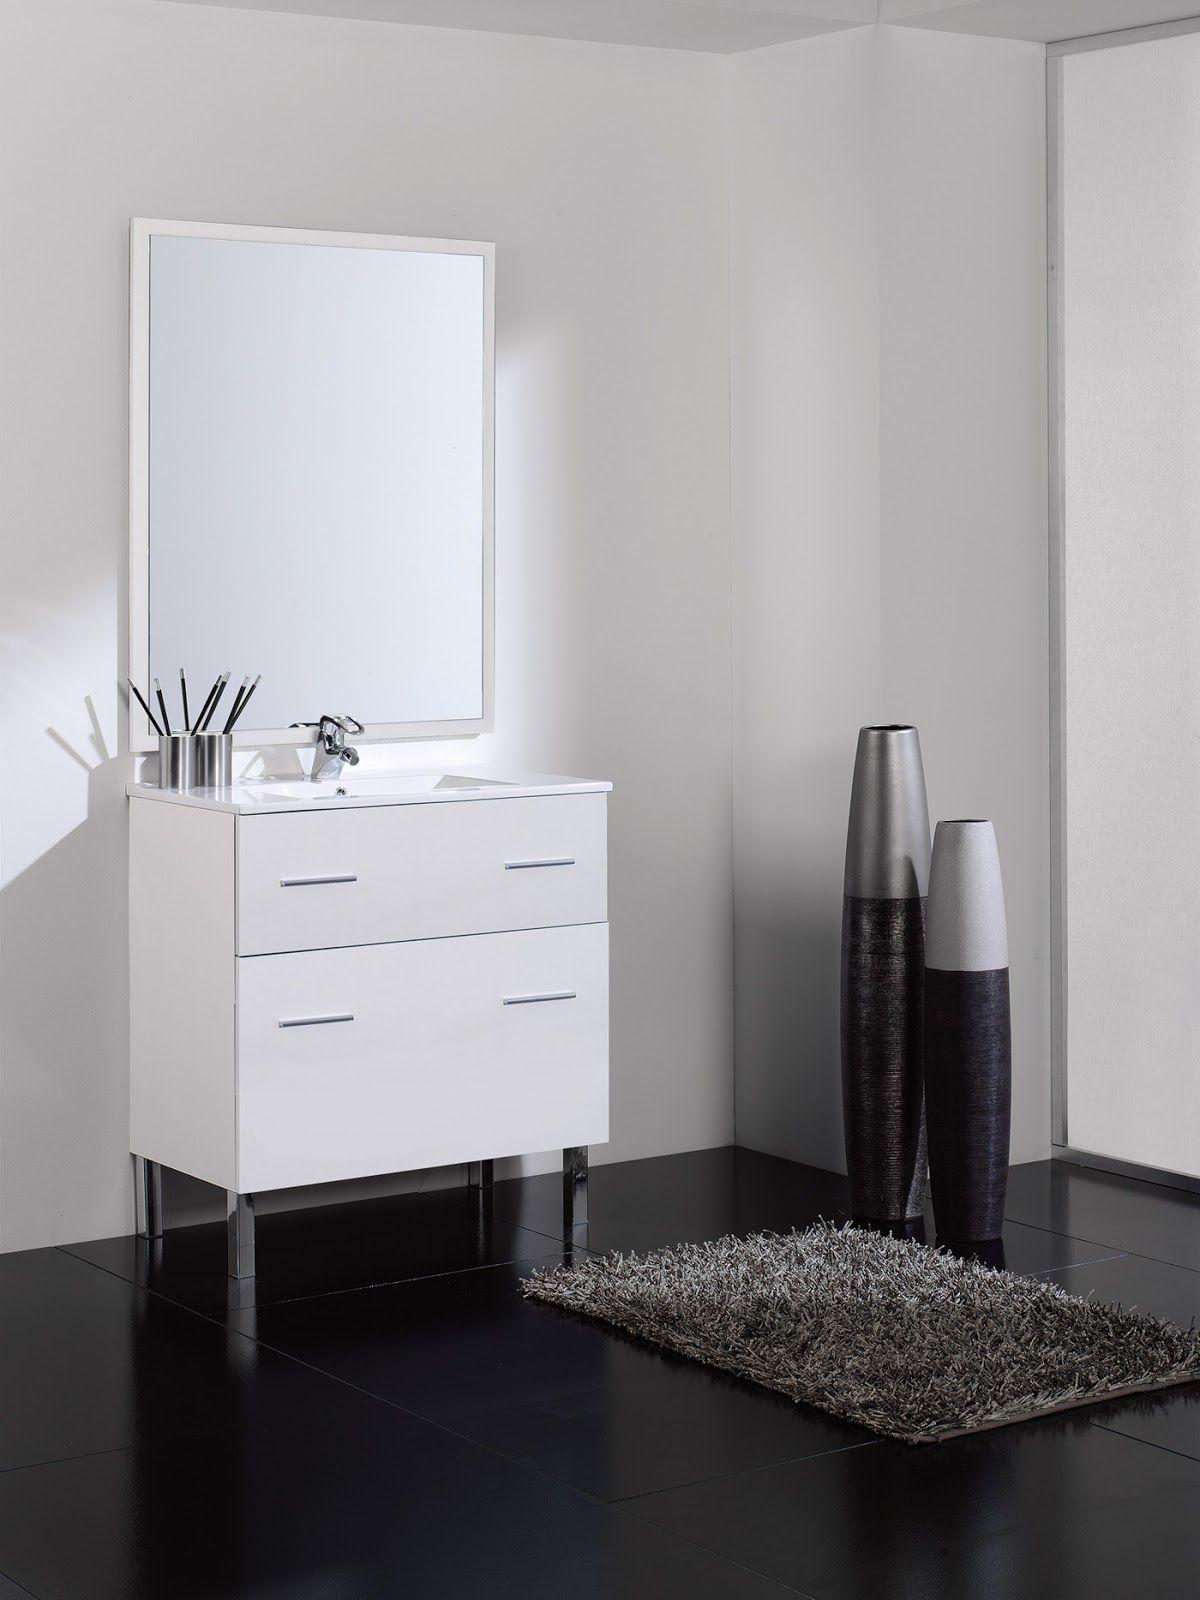 OFERTA: Mueble baño blanco con patas 2 cajones Incluye lavabo | casa ...